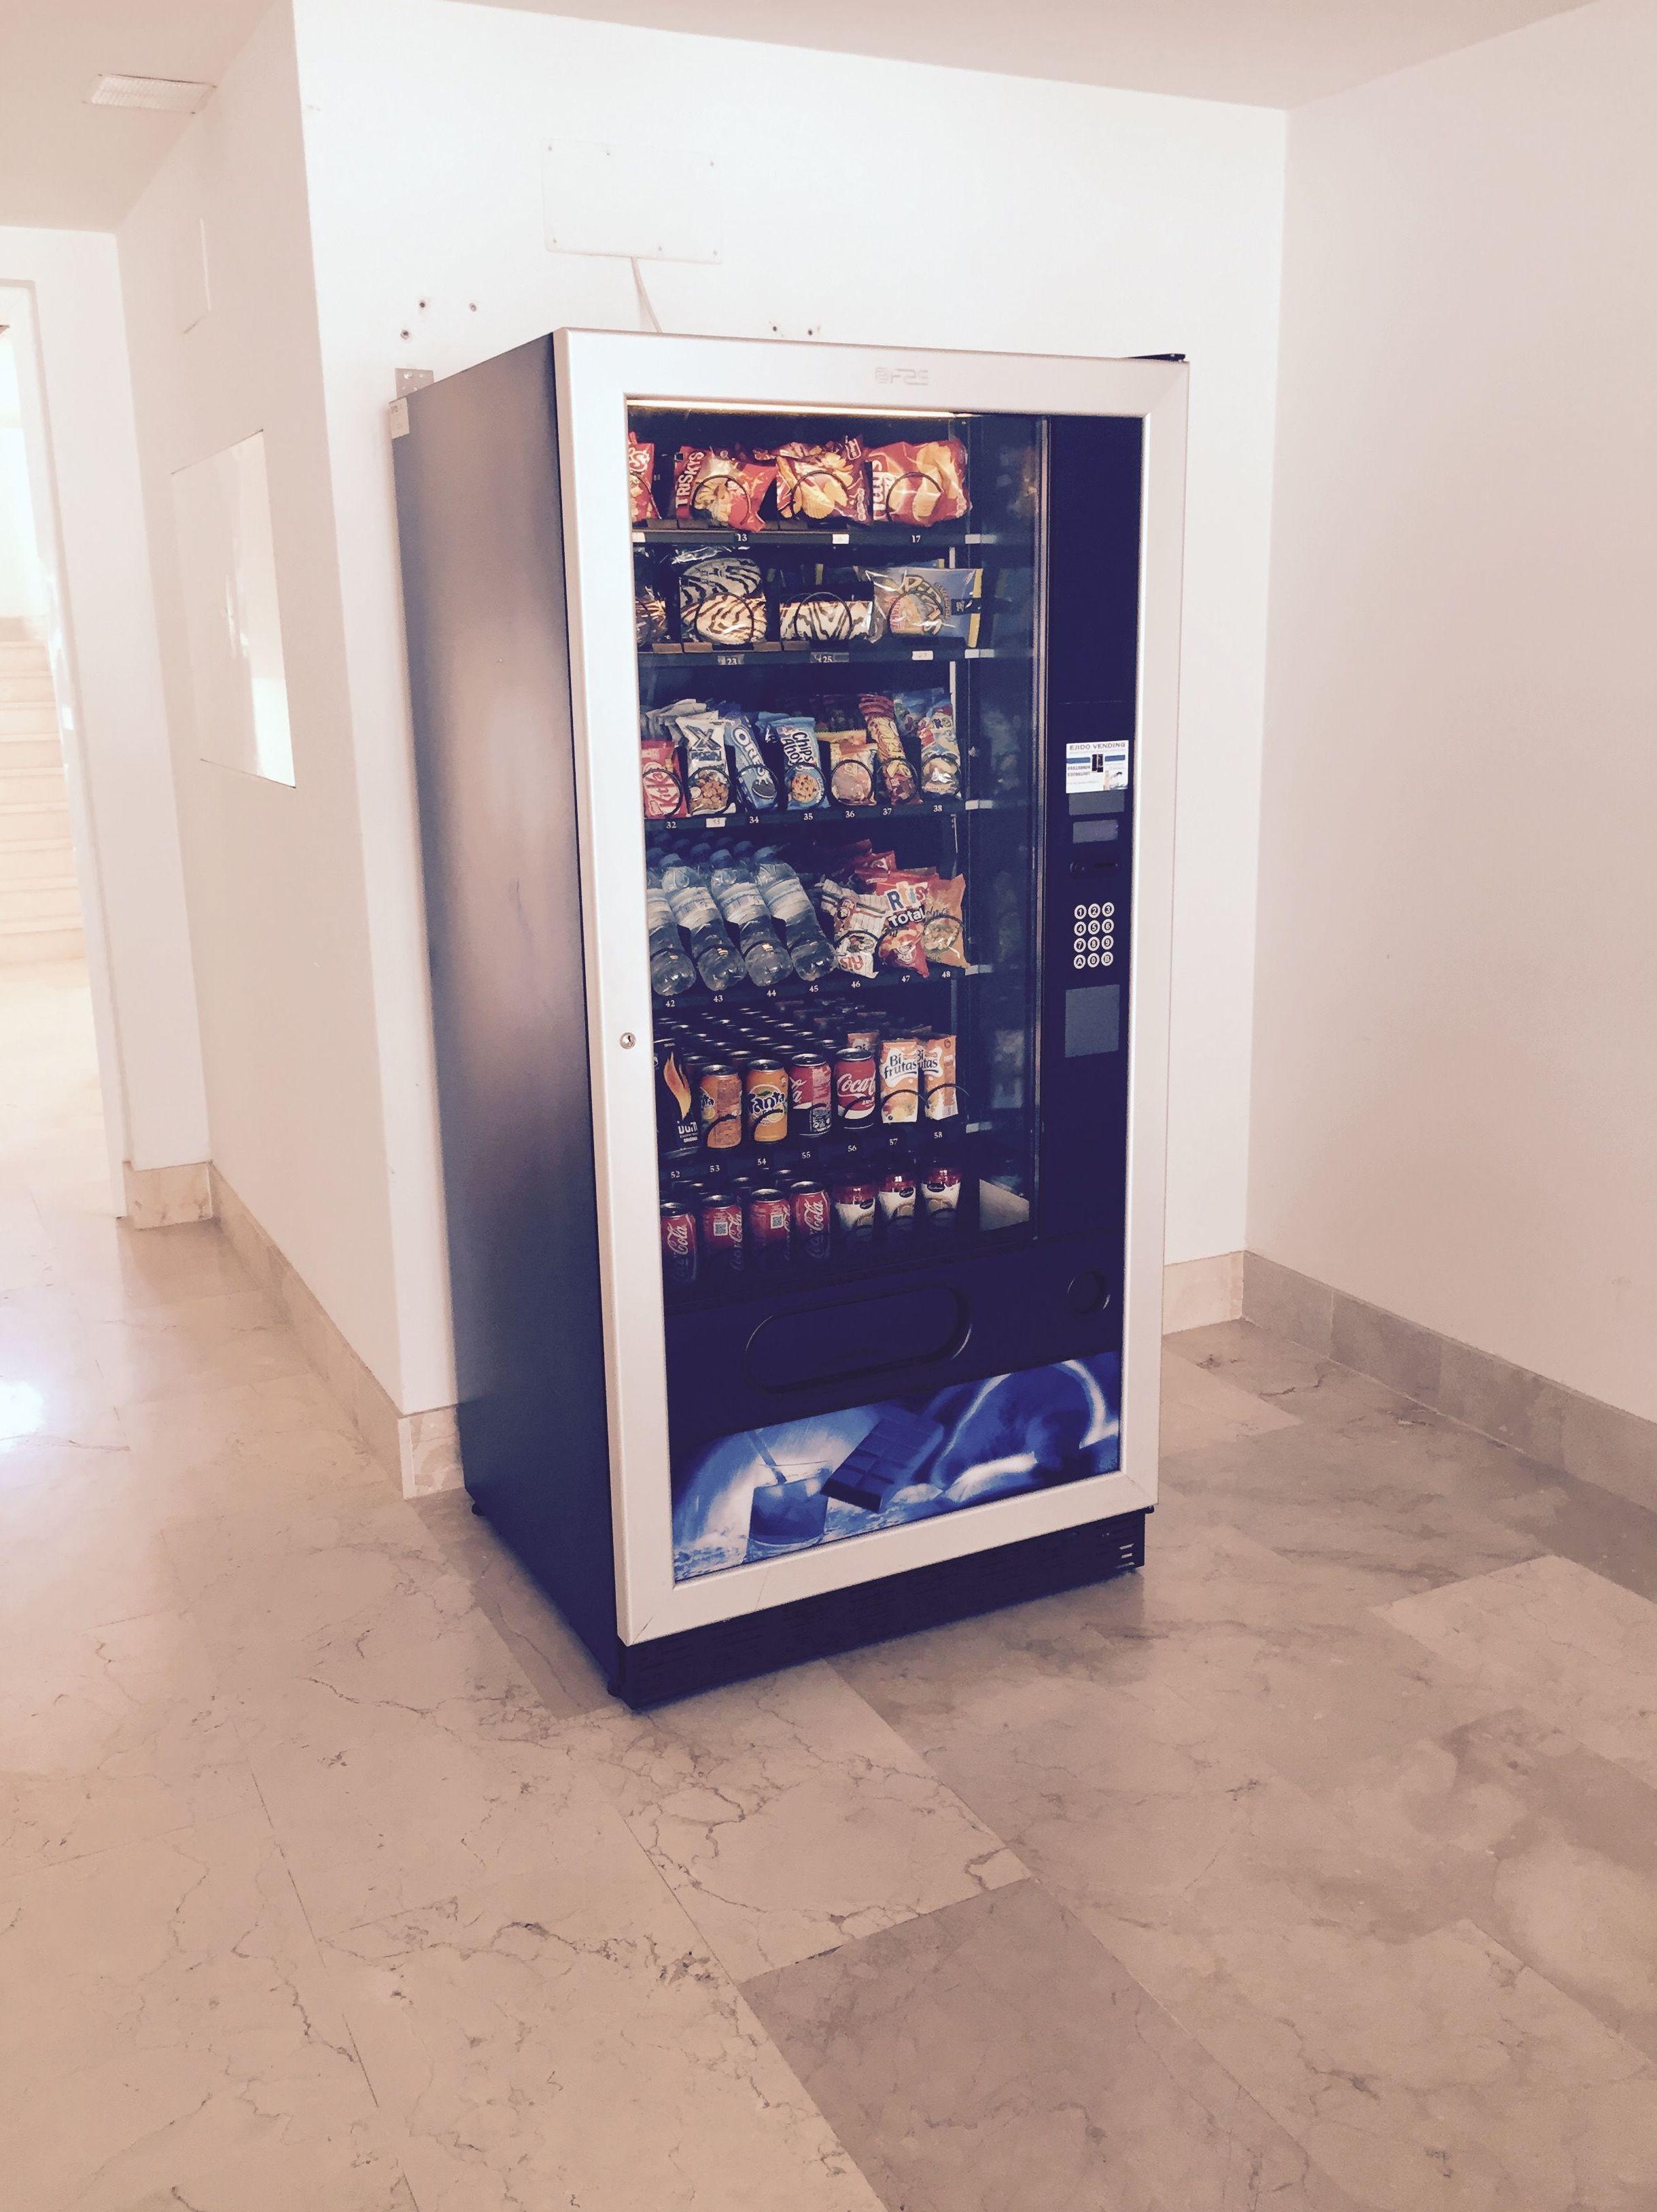 Empresa consolidada en servicios con máquinas expendedoras